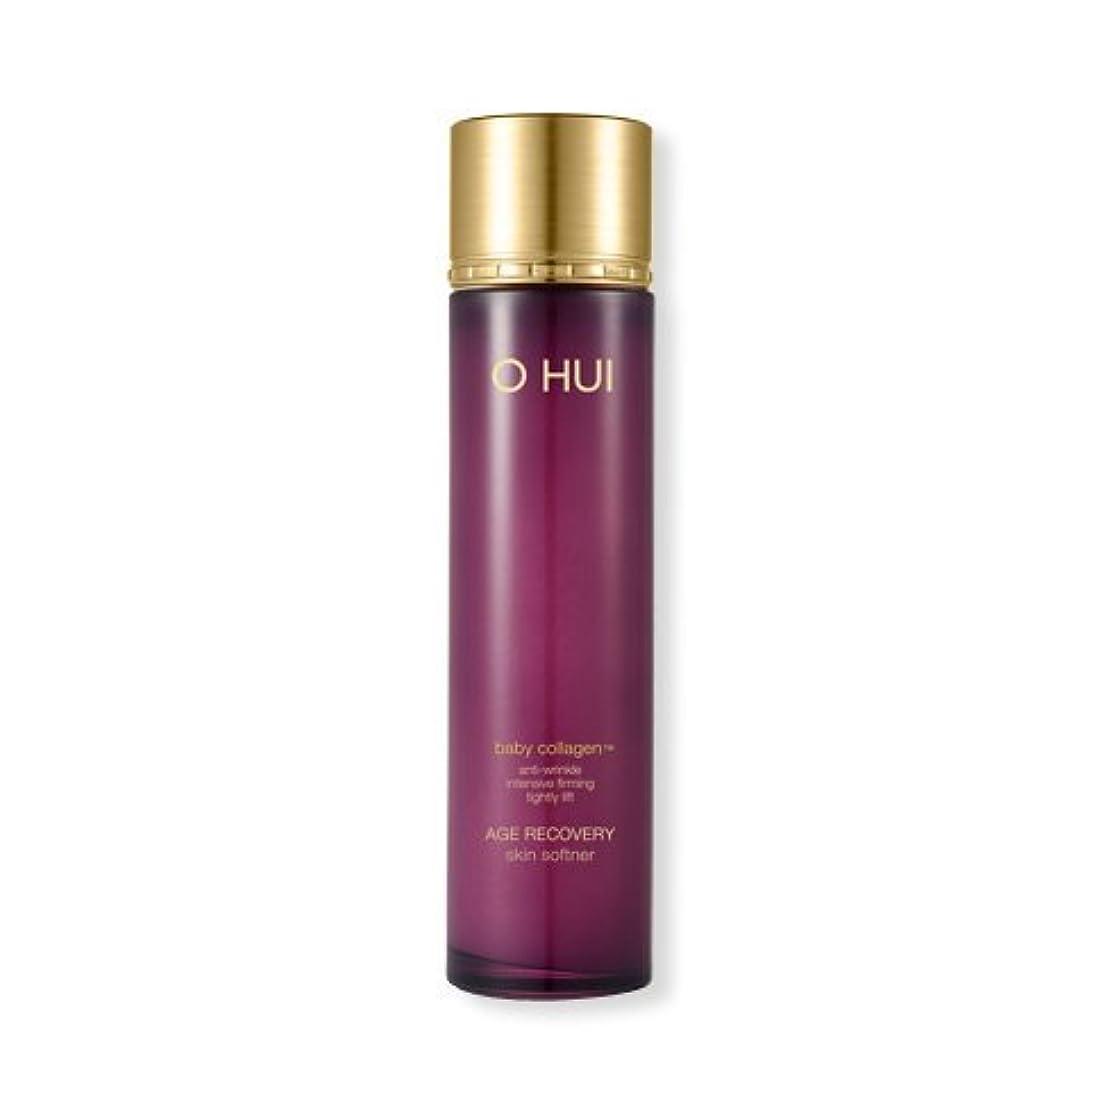 浸漬うがい線形OHUI Age Recovery Skin Softener 150ml/オフィ エイジ リカバリー スキン ソフナー 150ml [並行輸入品]